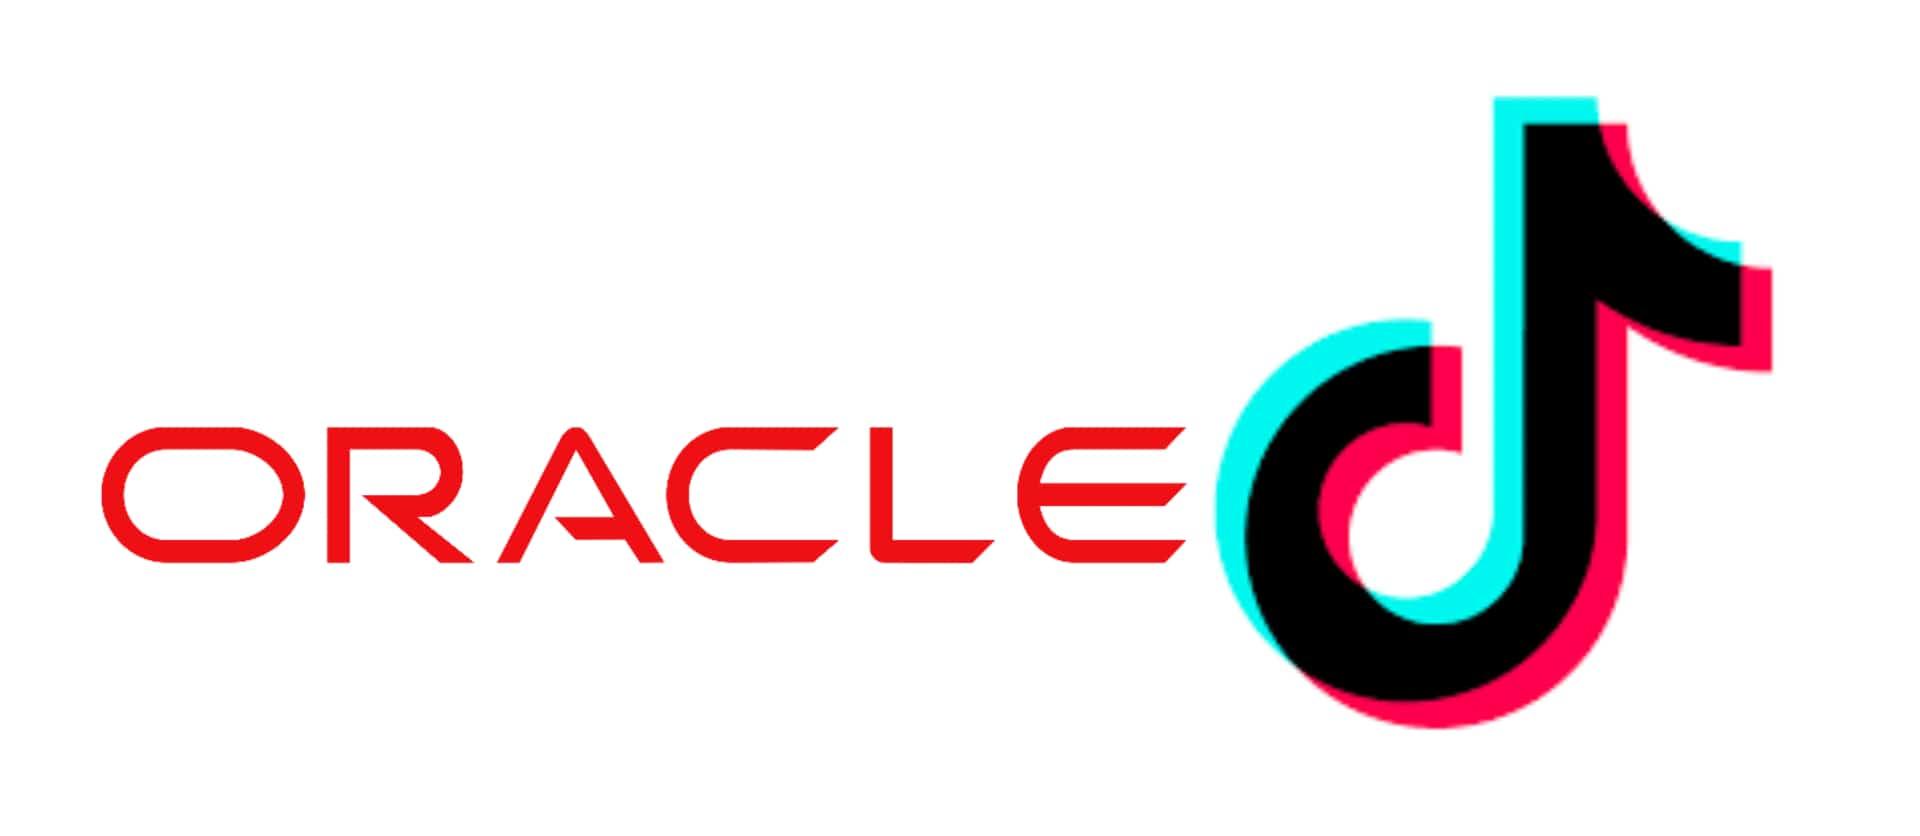 Oracle Bids to to Buy TikTok